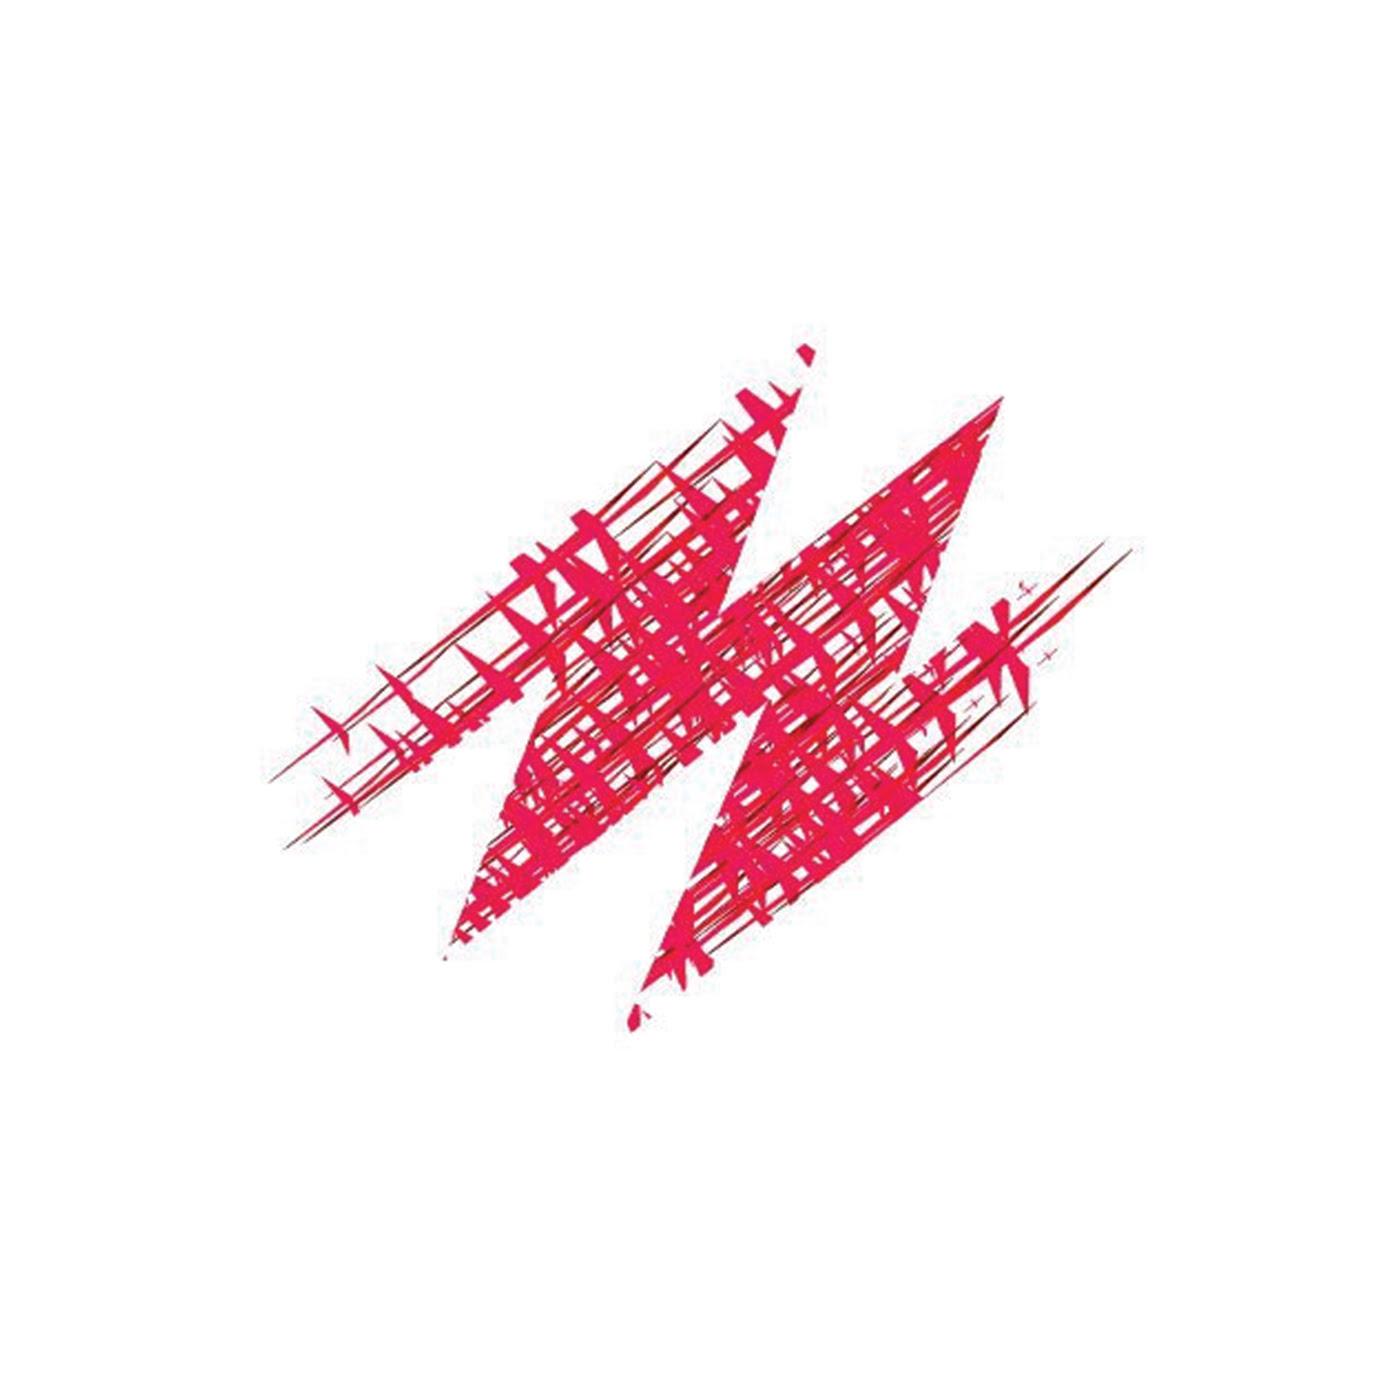 Medellinstyle Lanza su primer EP como sello Digital.